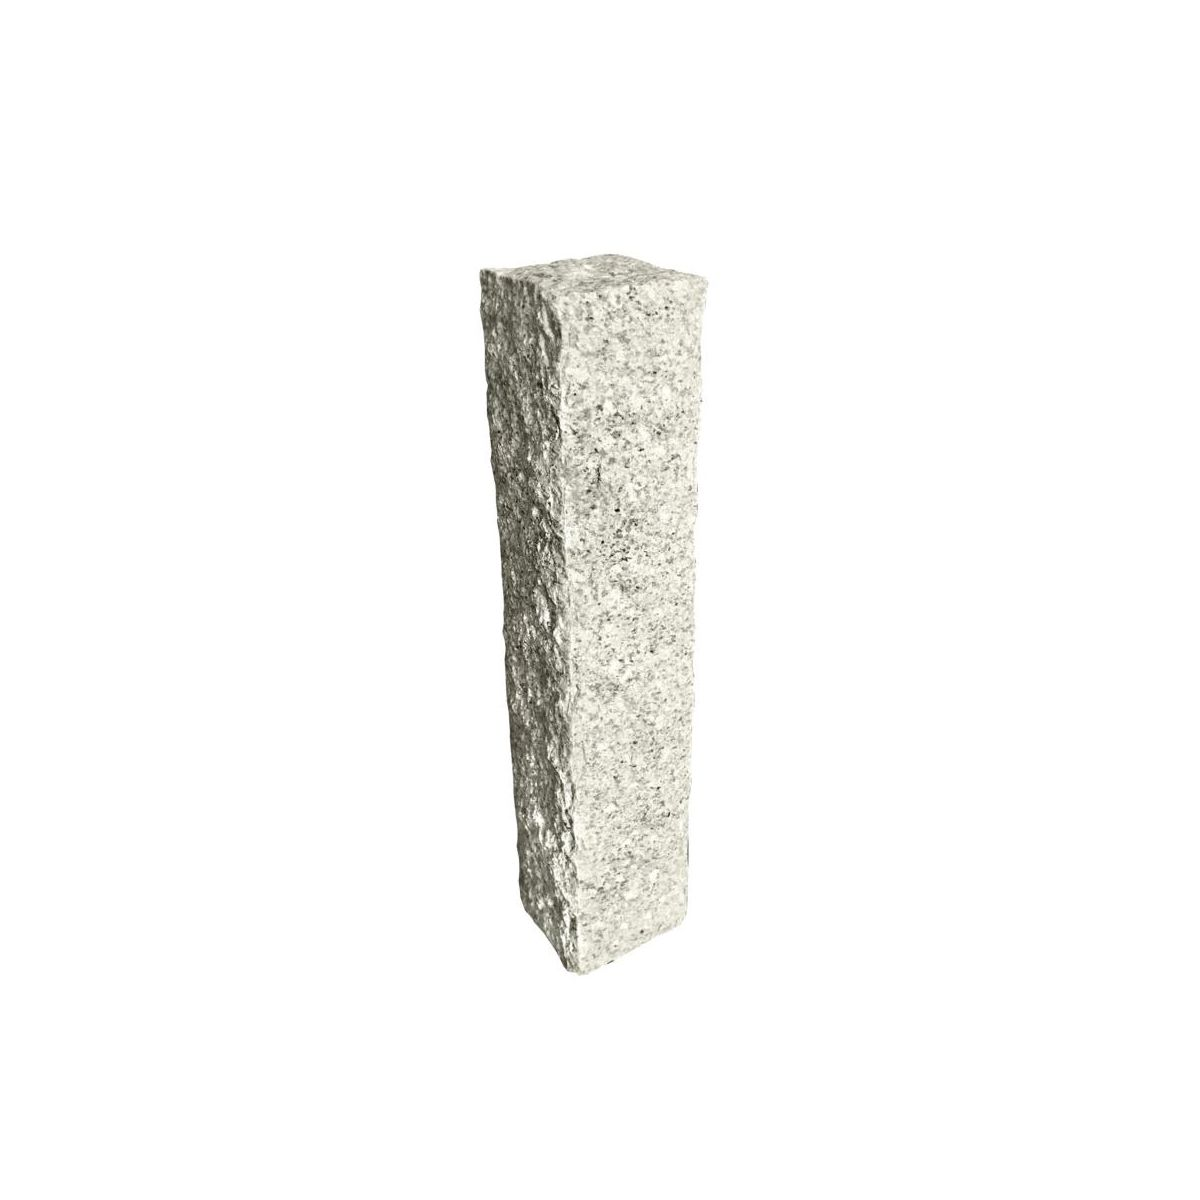 Palisada Granitowa 10 X 10 X 50 Cm Ogrodowa Szara Lupana Kostki Brukowe Plyty Chodnikowe W Atrakcyjnej Cenie W Sklepach Leroy Merlin